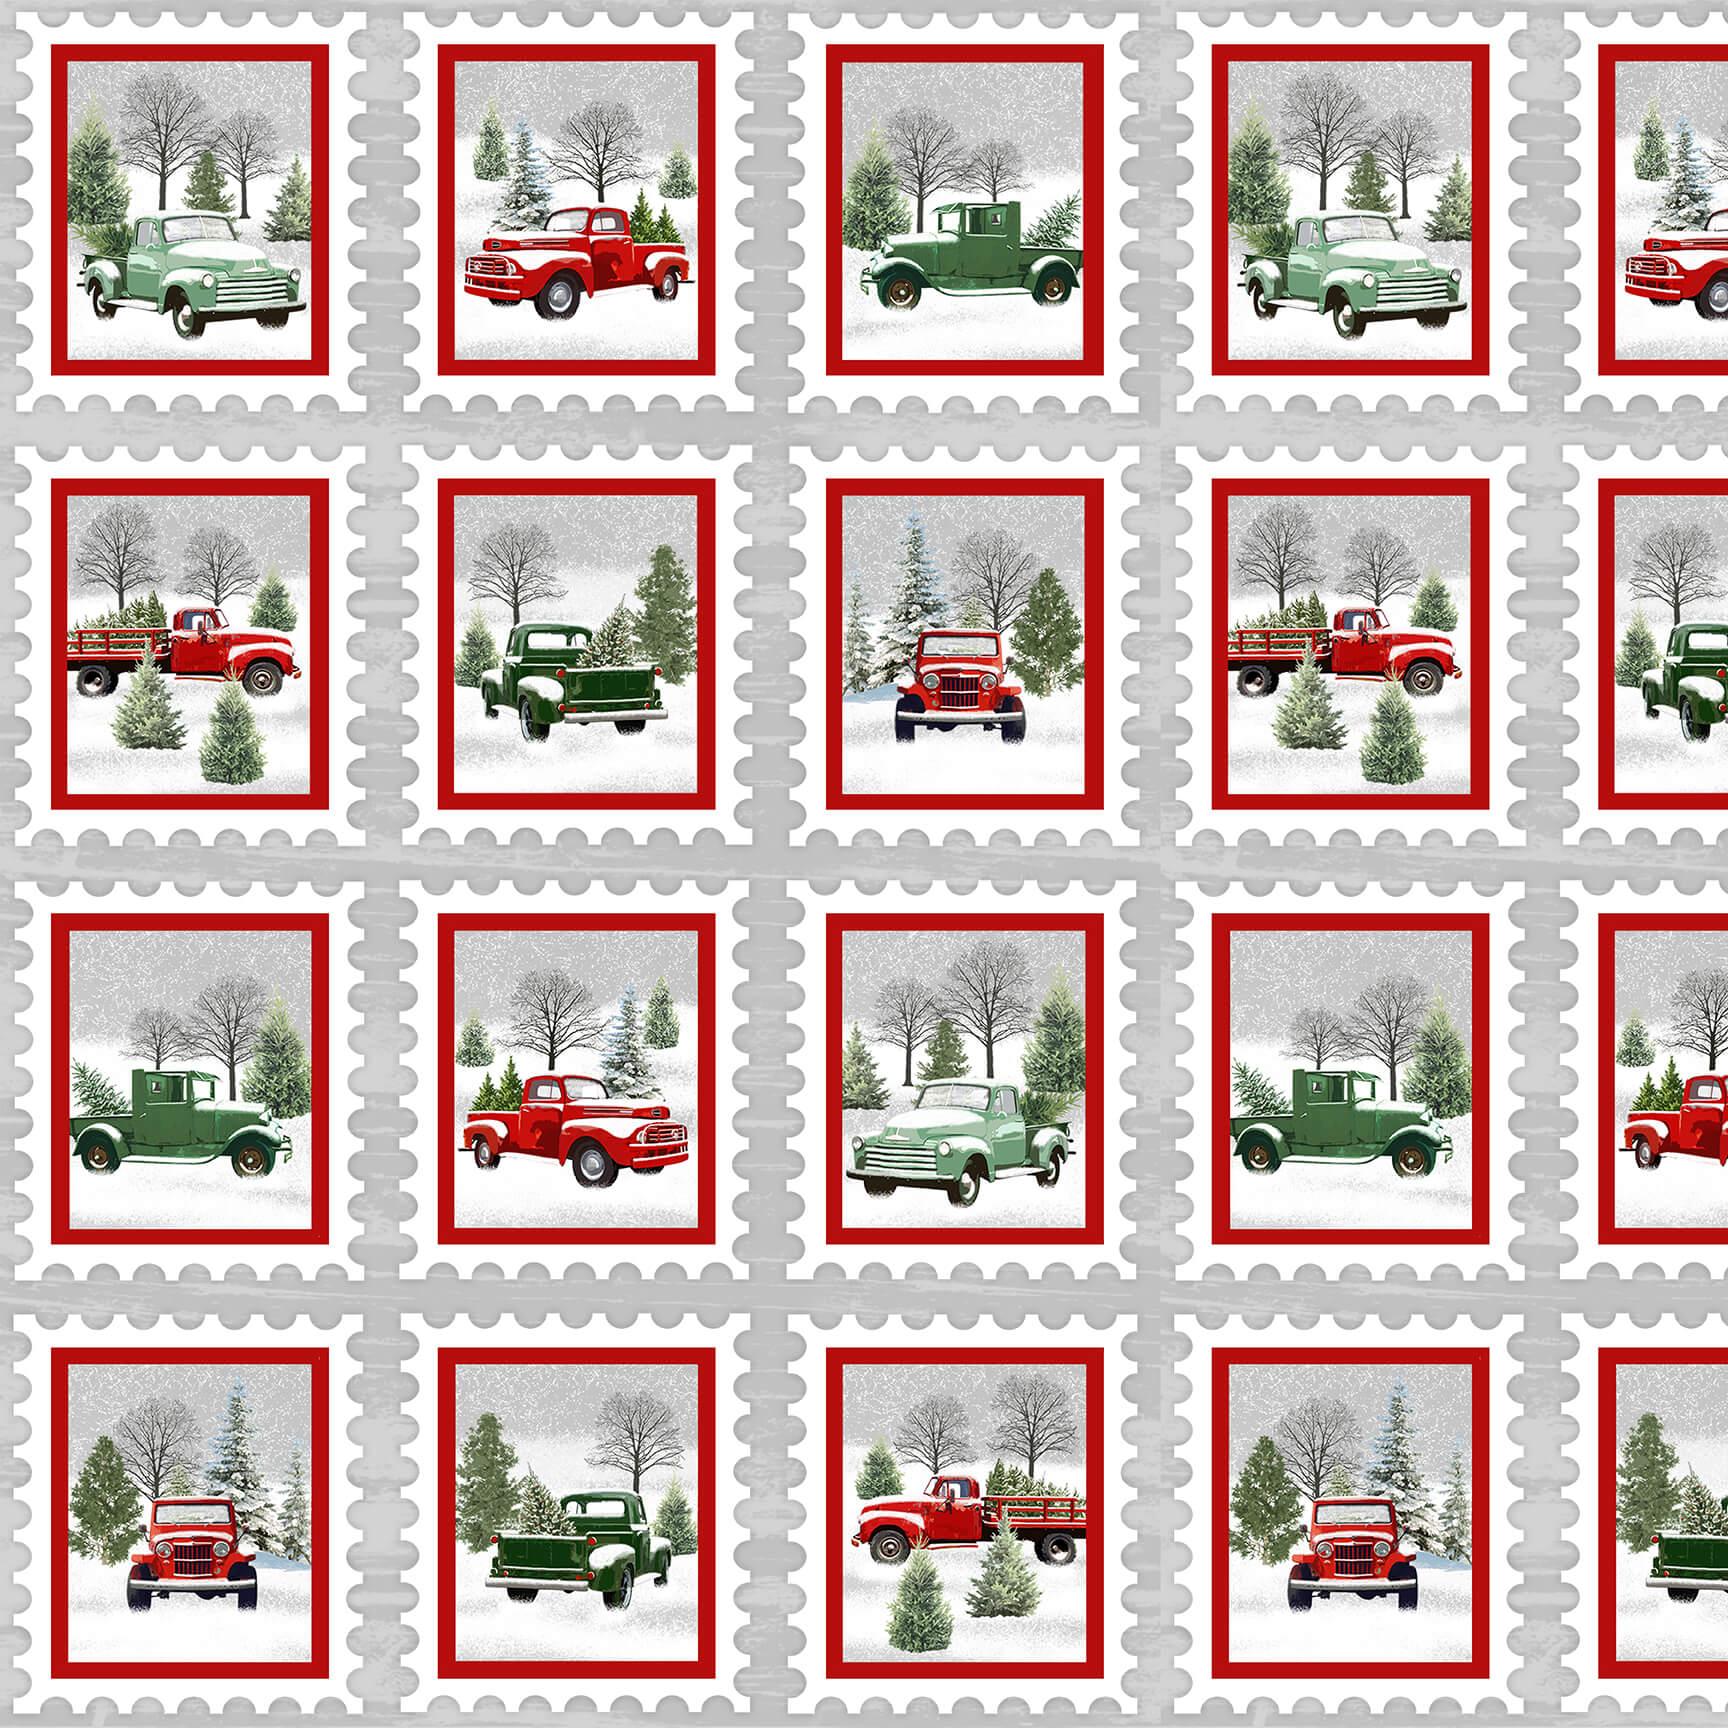 9097-98 Gray/Red Holiday Heartland